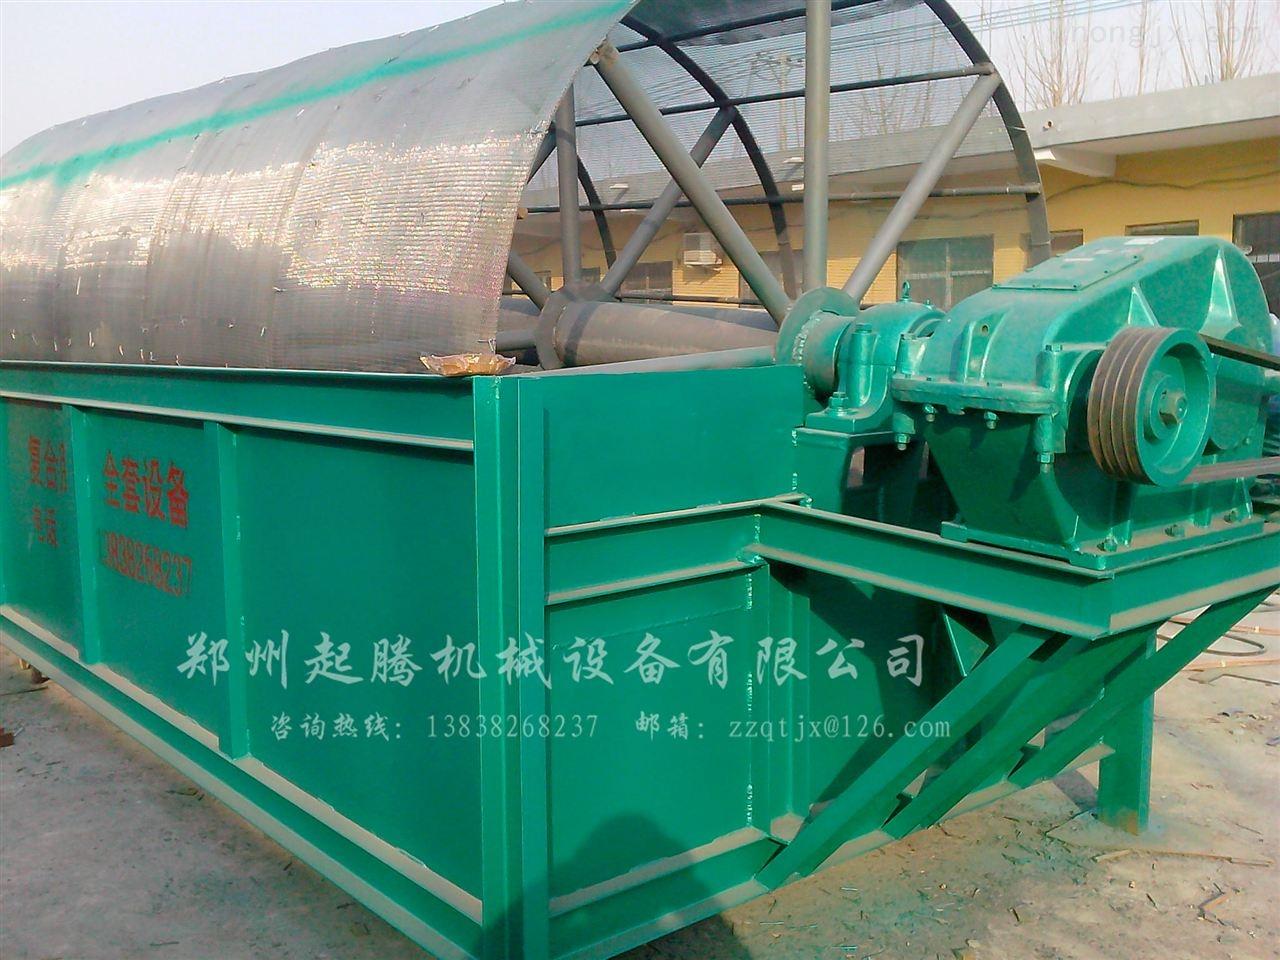 河南复合肥生产设备厂家在哪里